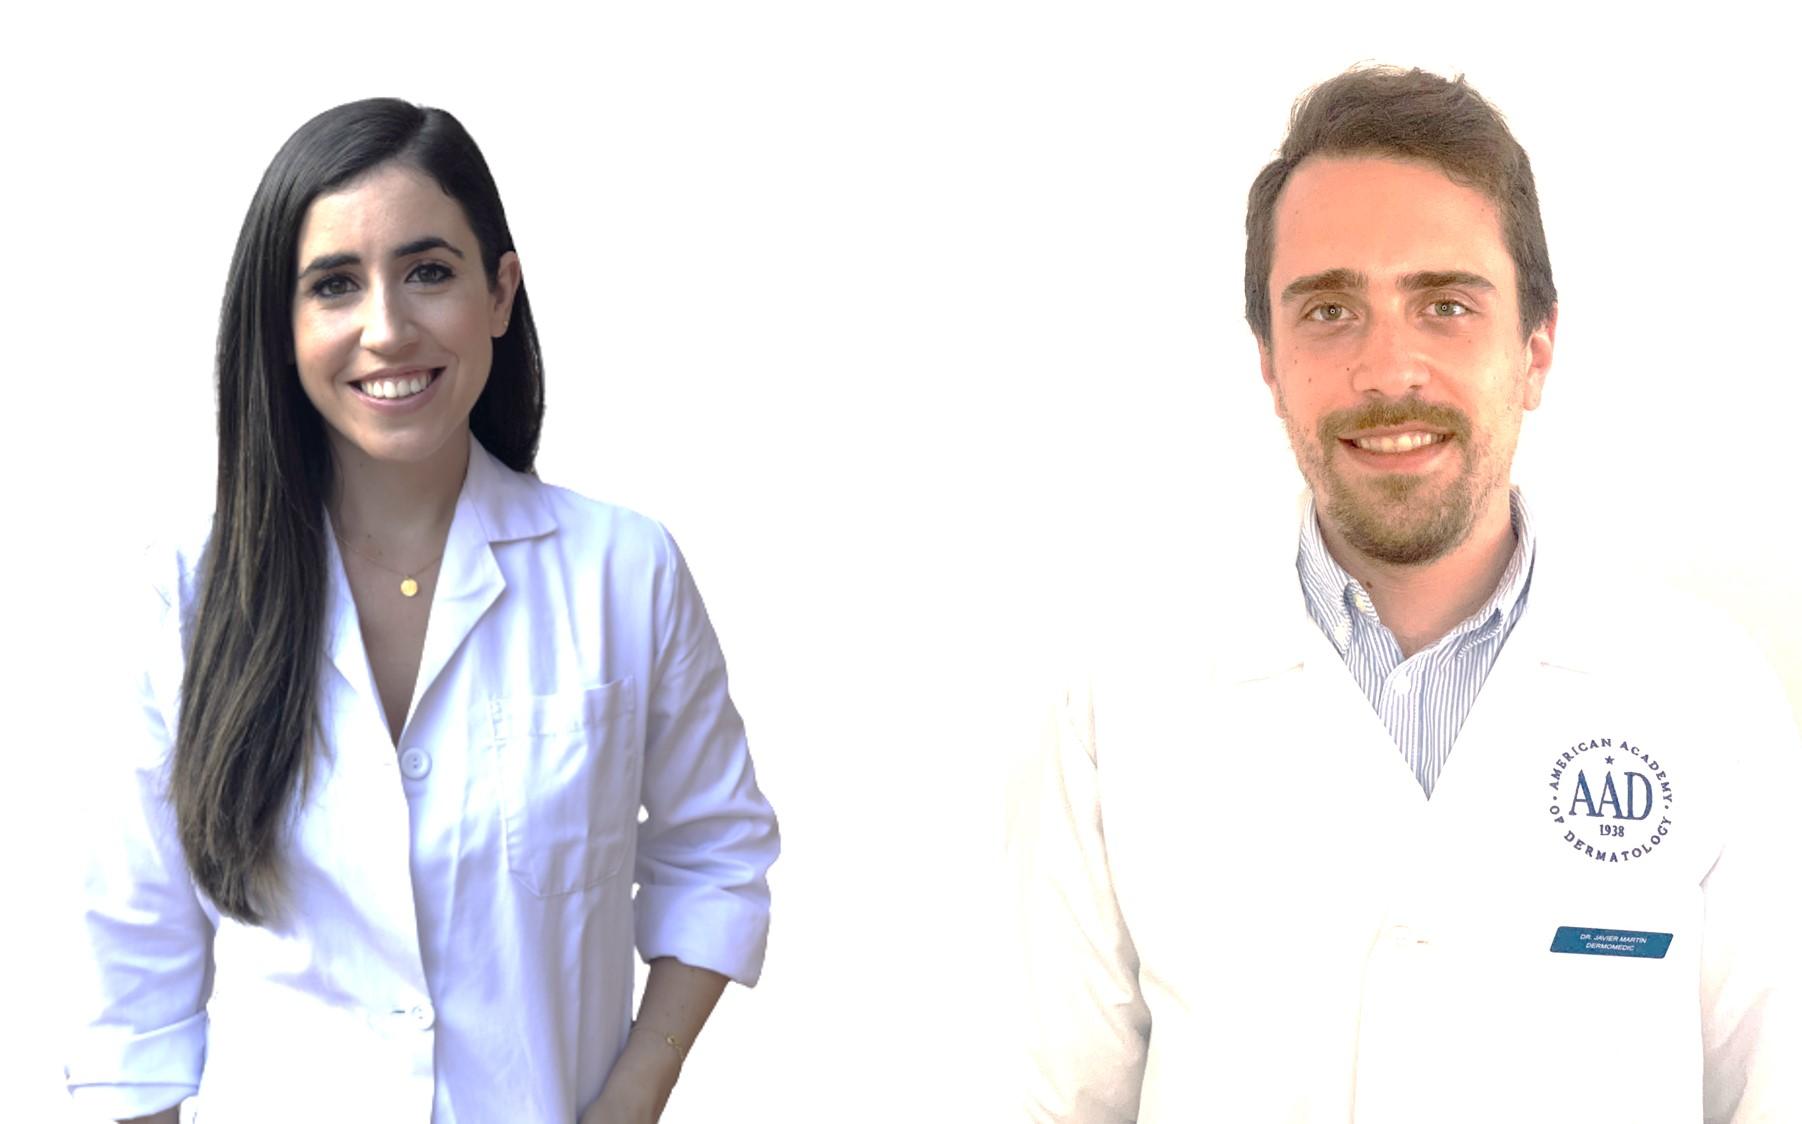 Dra. Virginia Velasco y Dr. Javier Martín